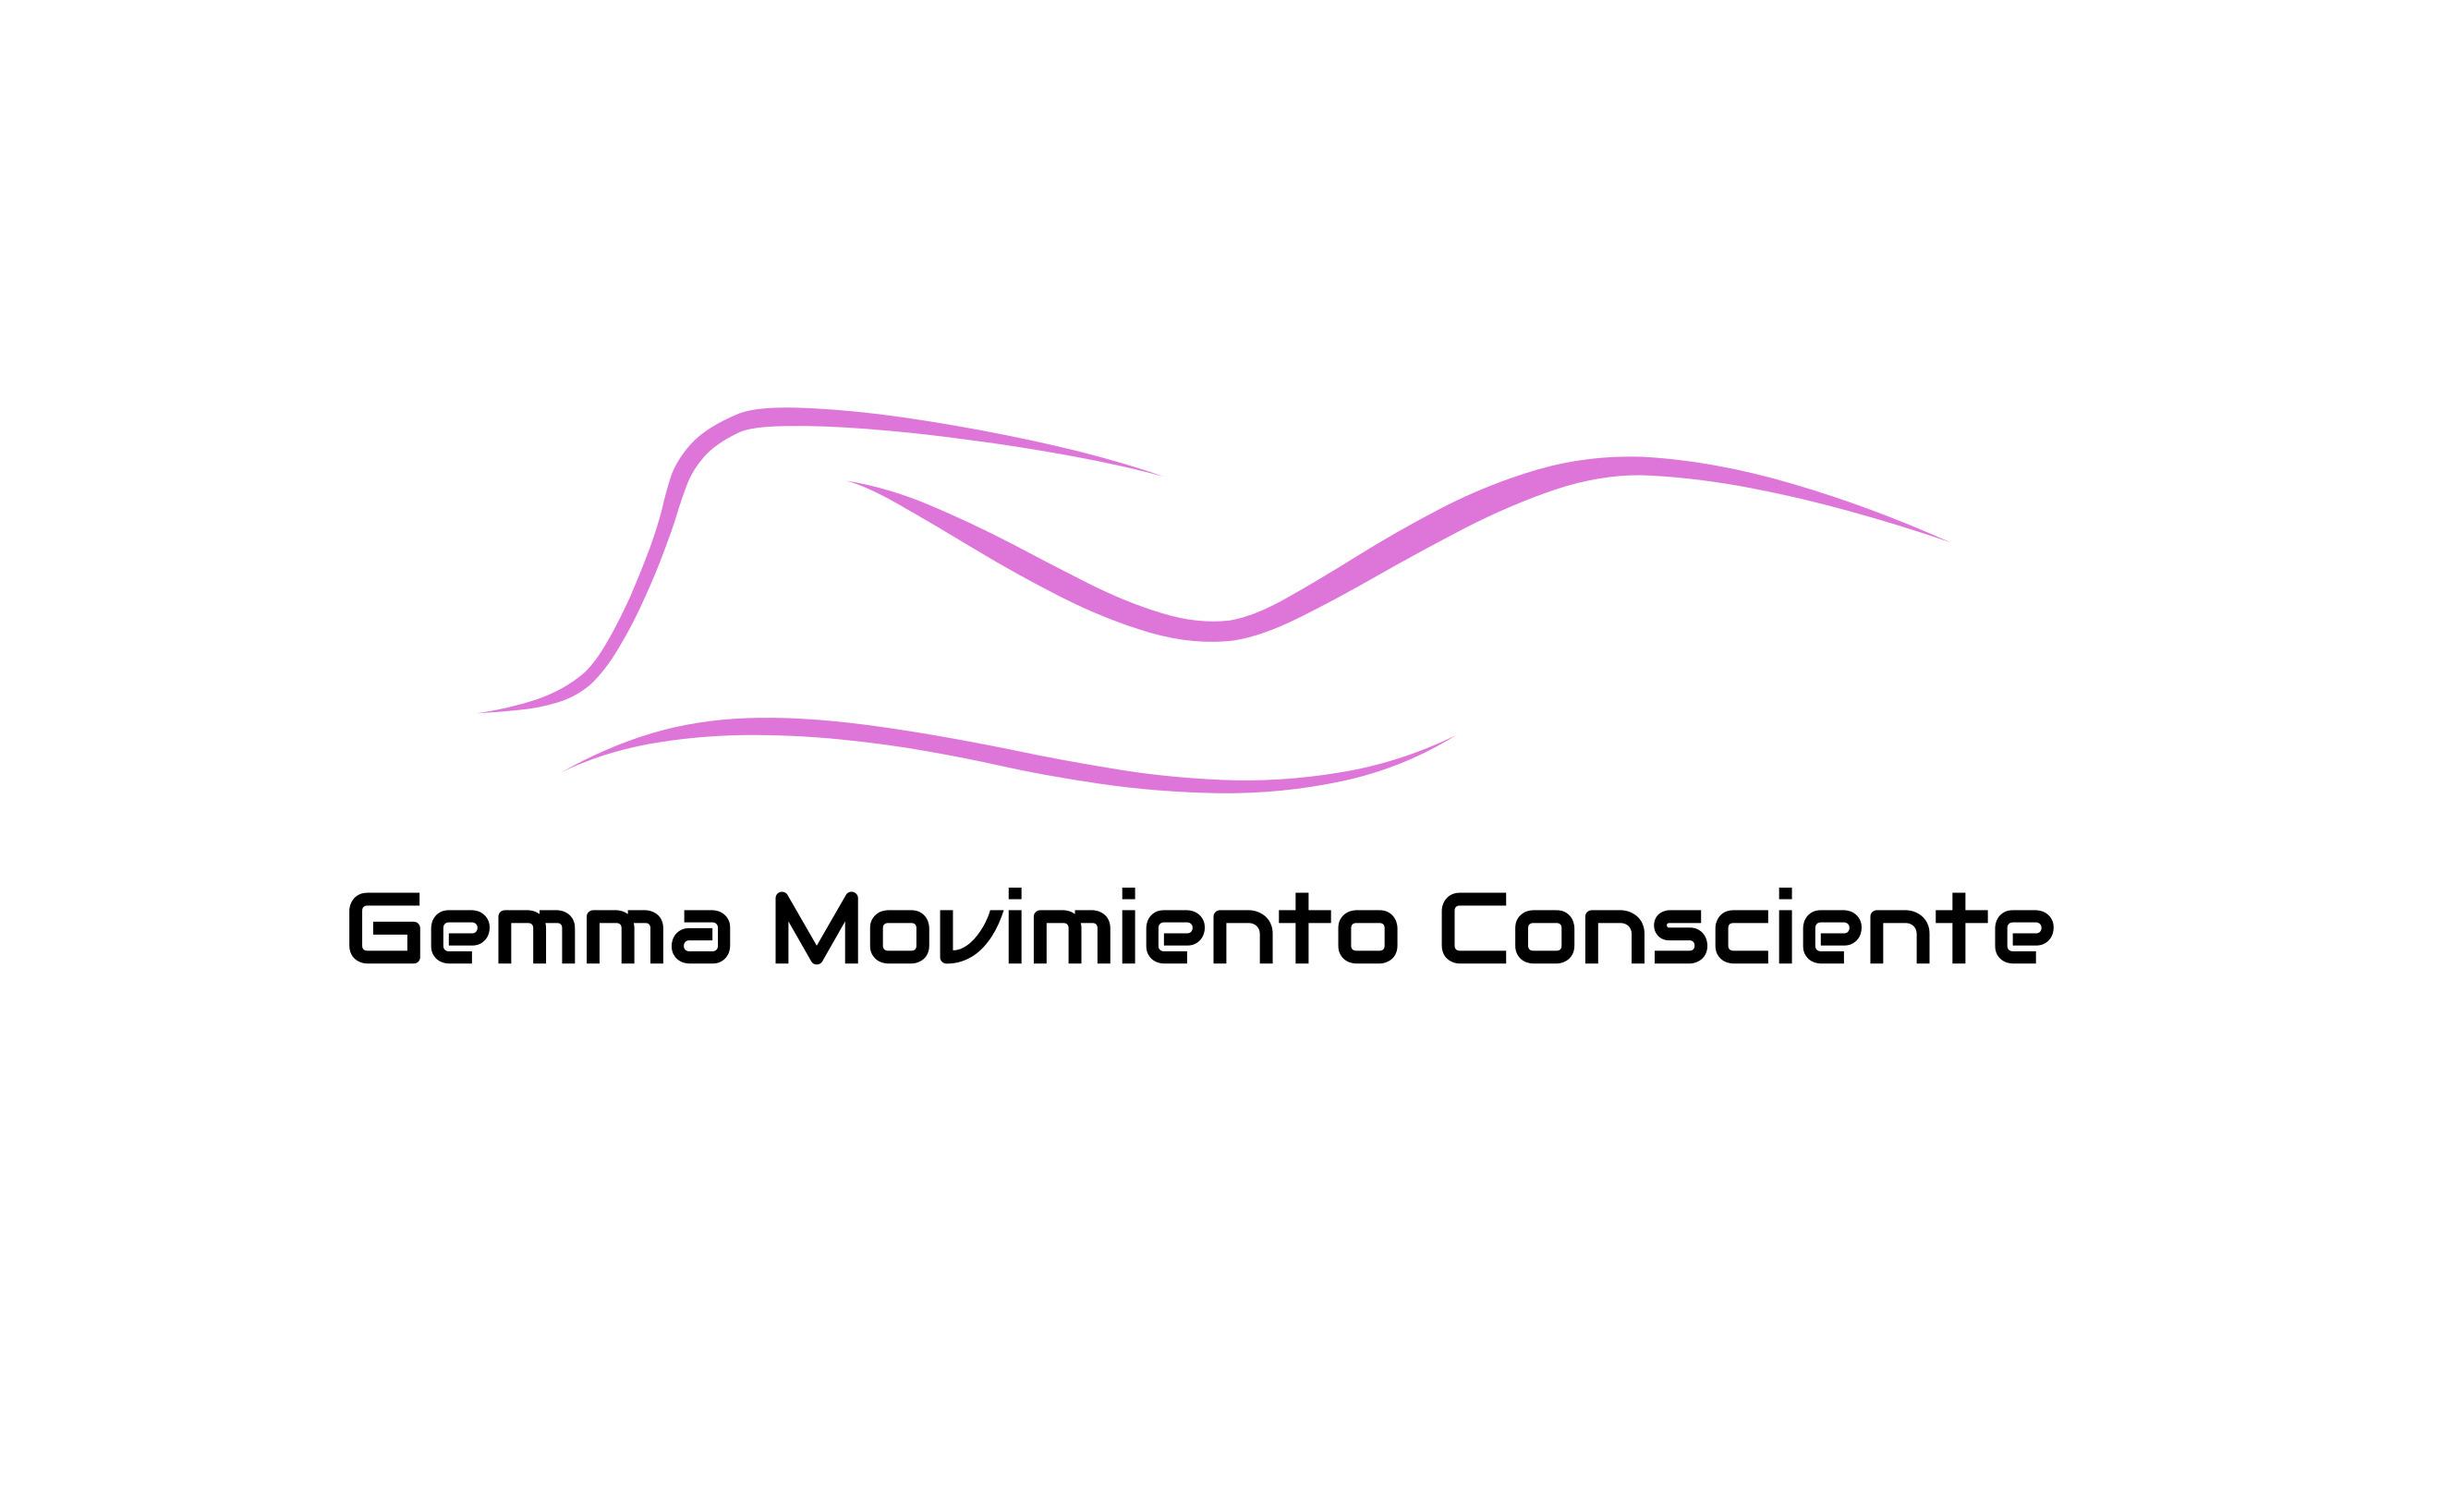 Gemma Moviment i Consciència